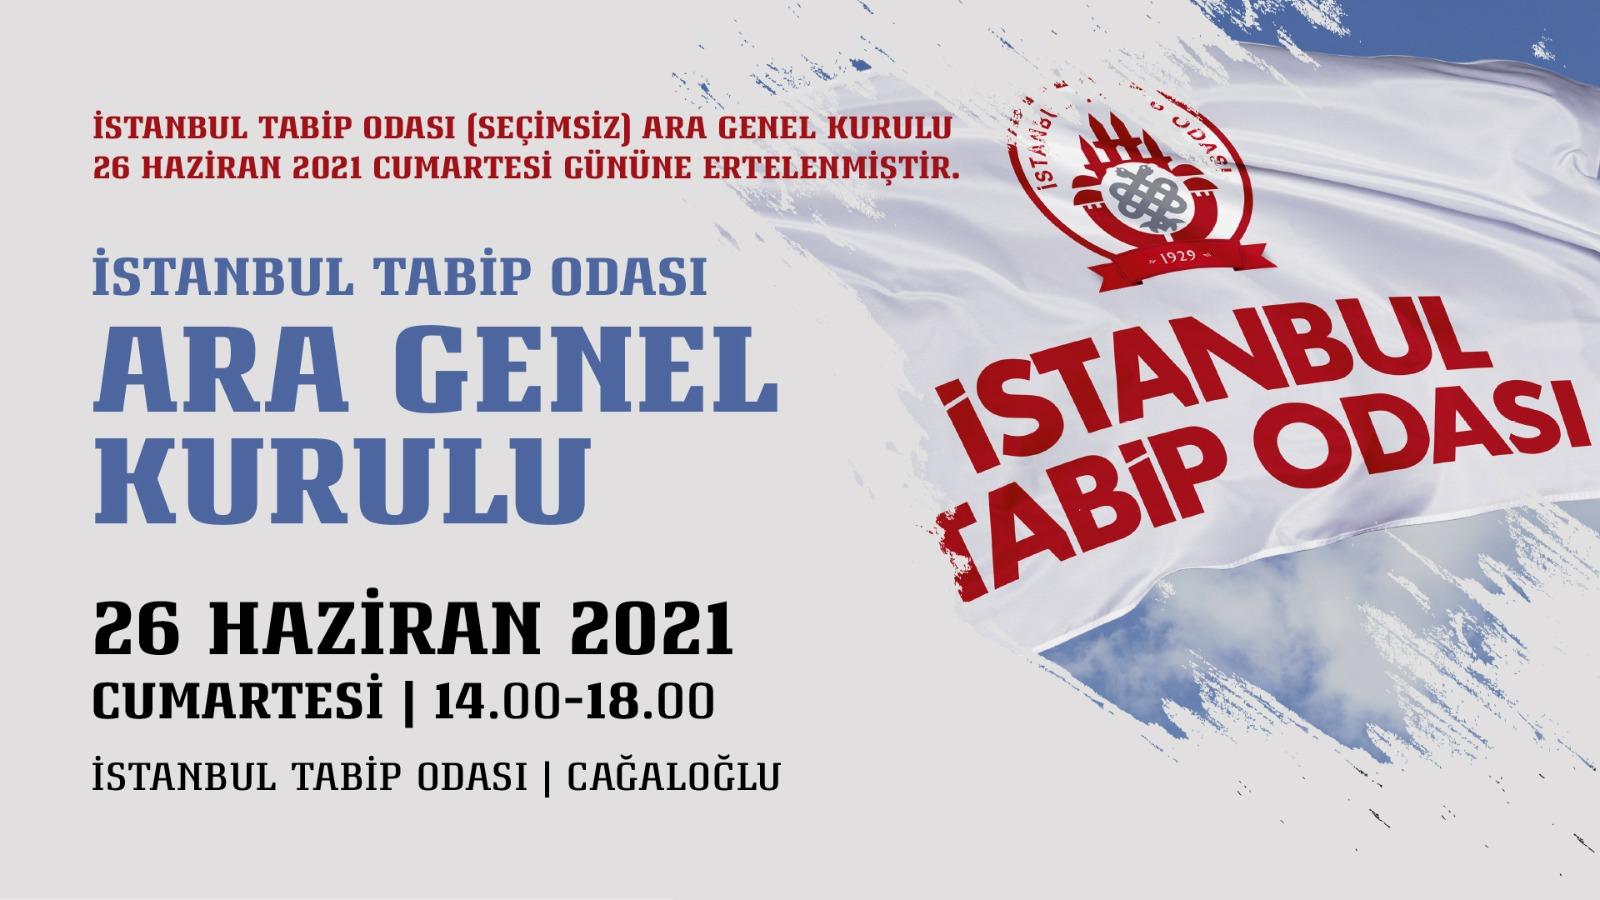 İstanbul Tabip Odası (Seçimsiz) Ara Genel Kurulu 26 Haziran 2021 Cumartesi Gününe Ertelenmiştir